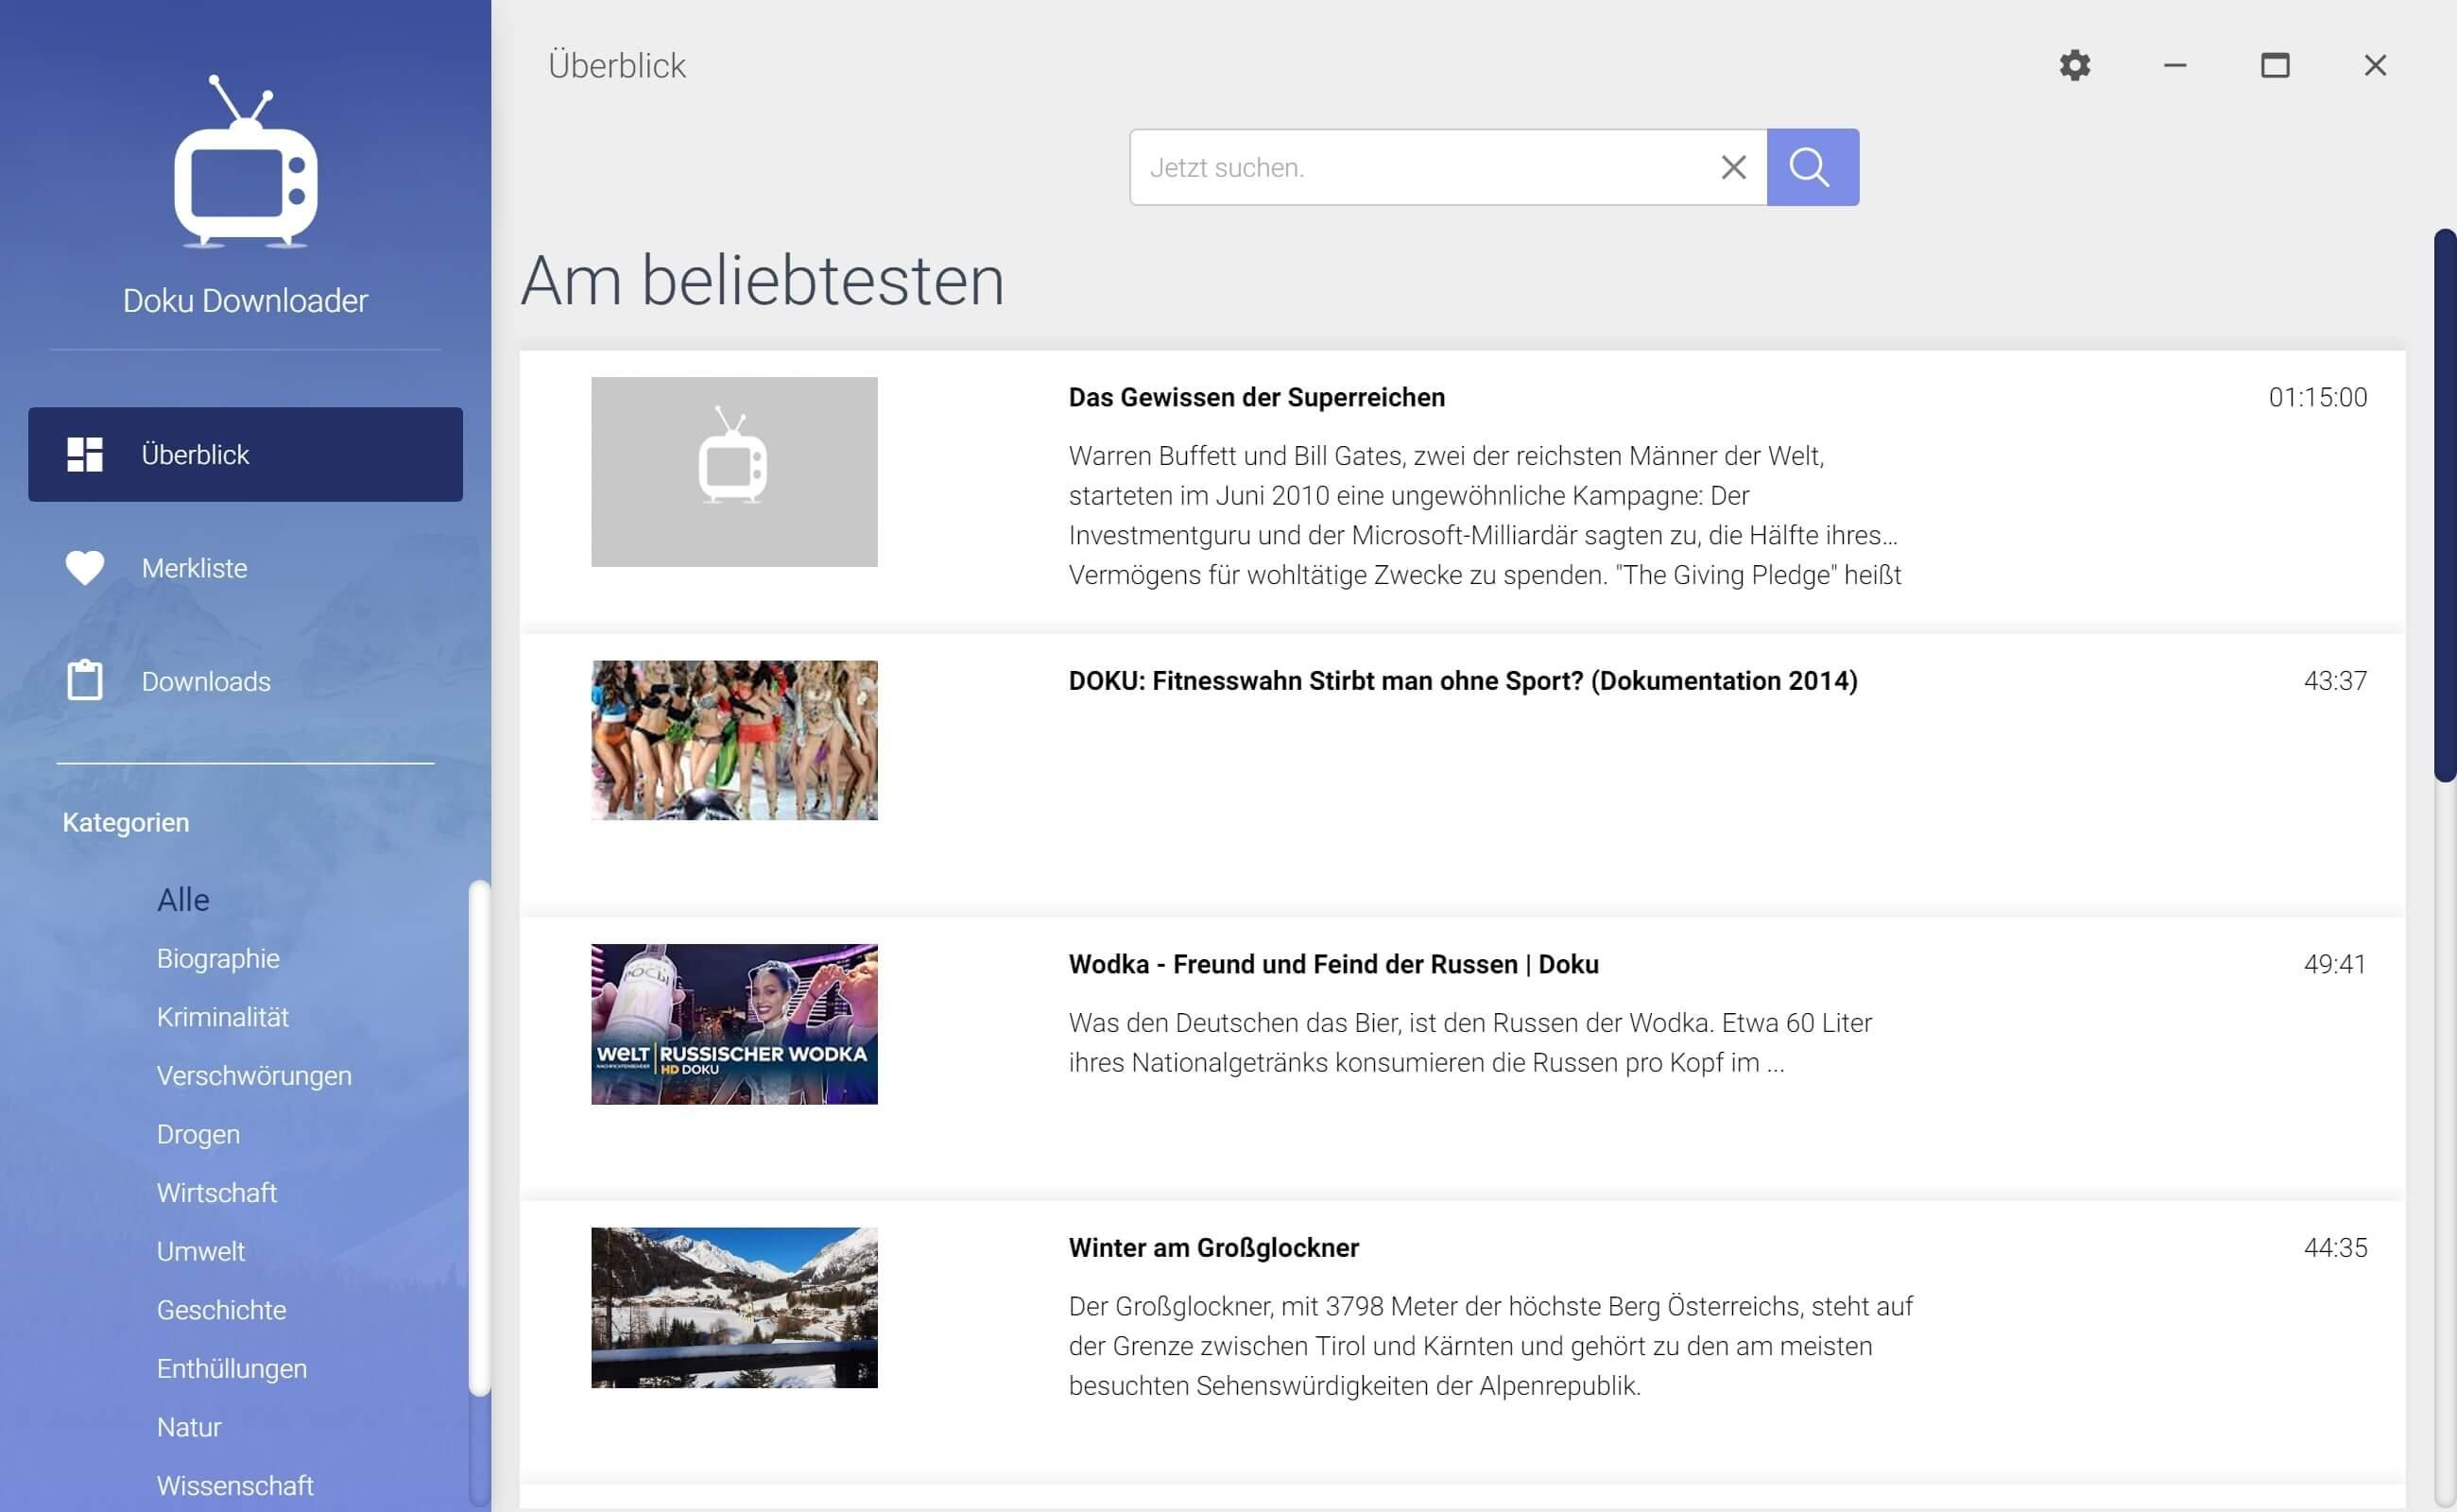 WDR Dokumentation aus Mediathek herunterladen - Start